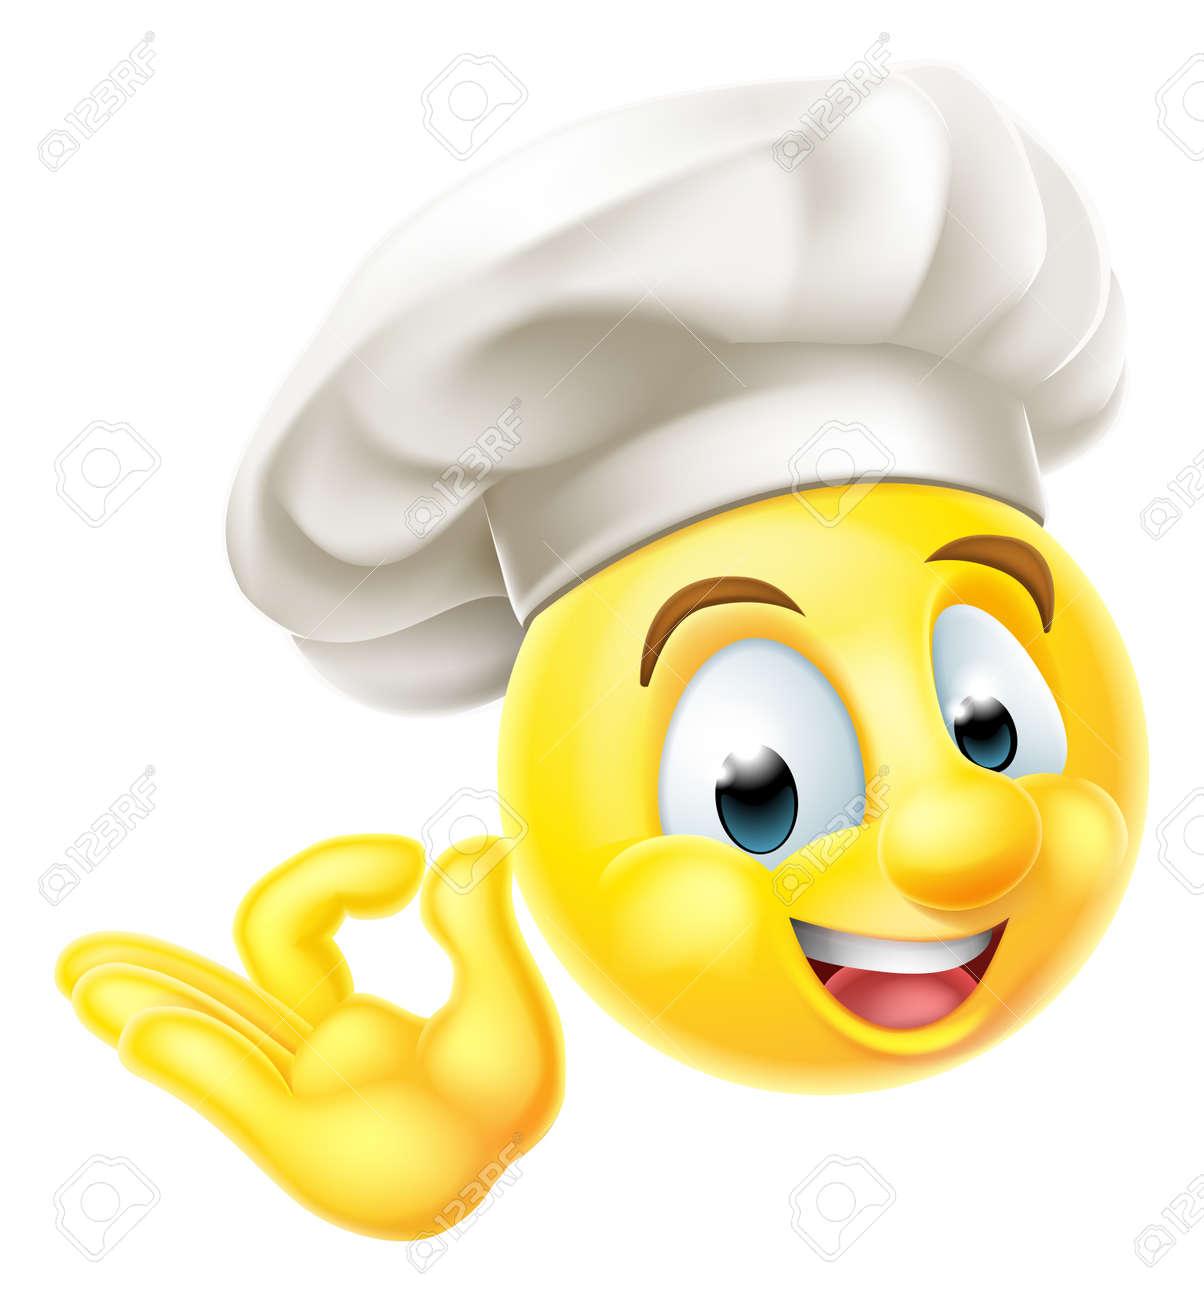 Foto de archivo - Un emoticono emoji carácter cara sonriente vestido como  un cocinero con un sombrero de los cocineros que da una muestra perfecta o  bien ... 384c3c40eaf